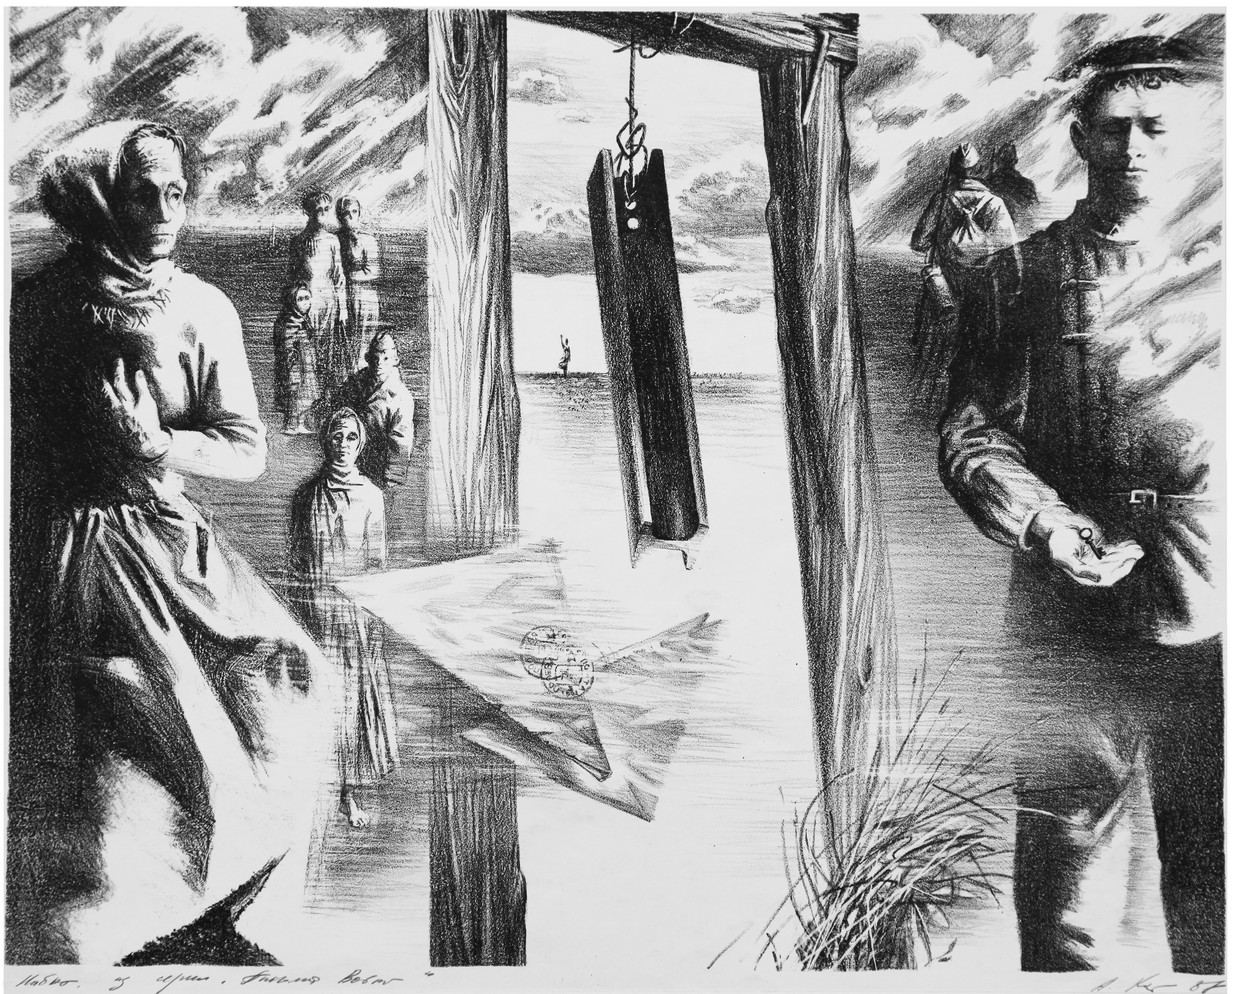 Набат. Из серии Письма войны. бум., литография. А.А. Корольчук